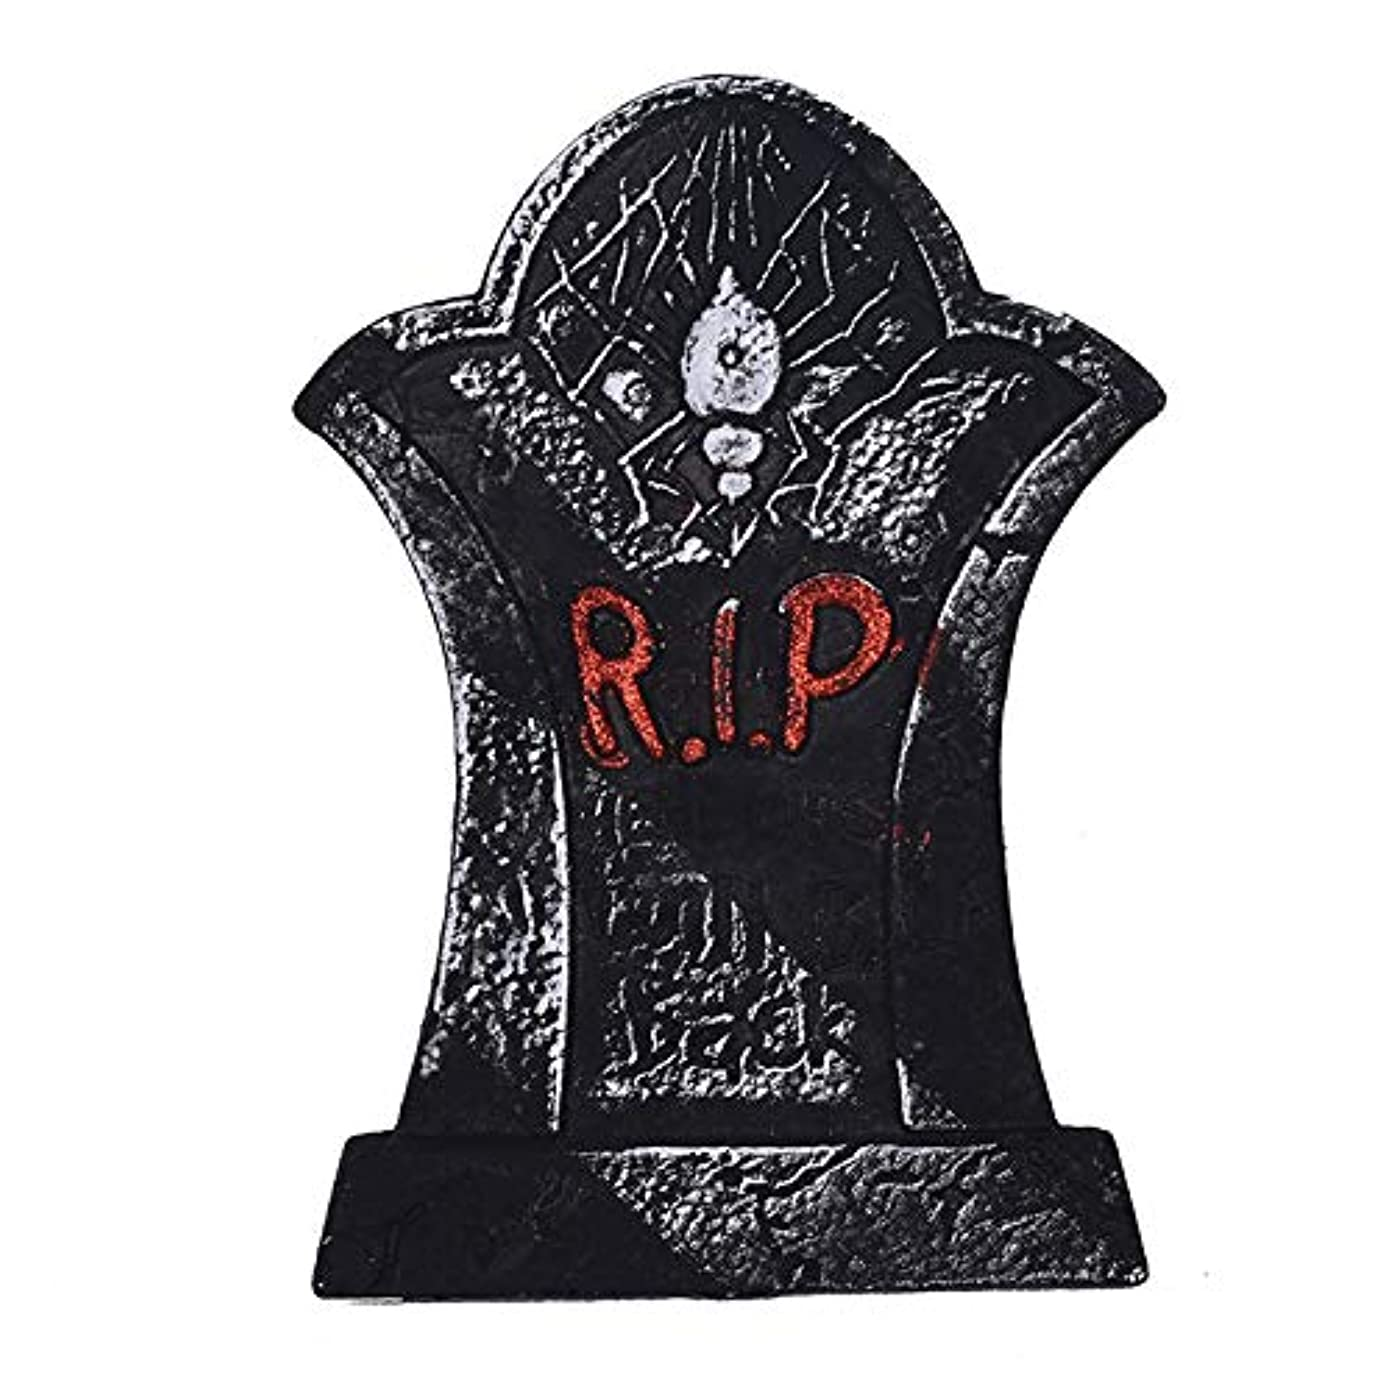 努力請求可能こするETRRUU HOME ハロウィーンの三次元墓石タトゥーショップ装飾バーお化け屋敷の秘密の部屋怖い怖い装飾小道具